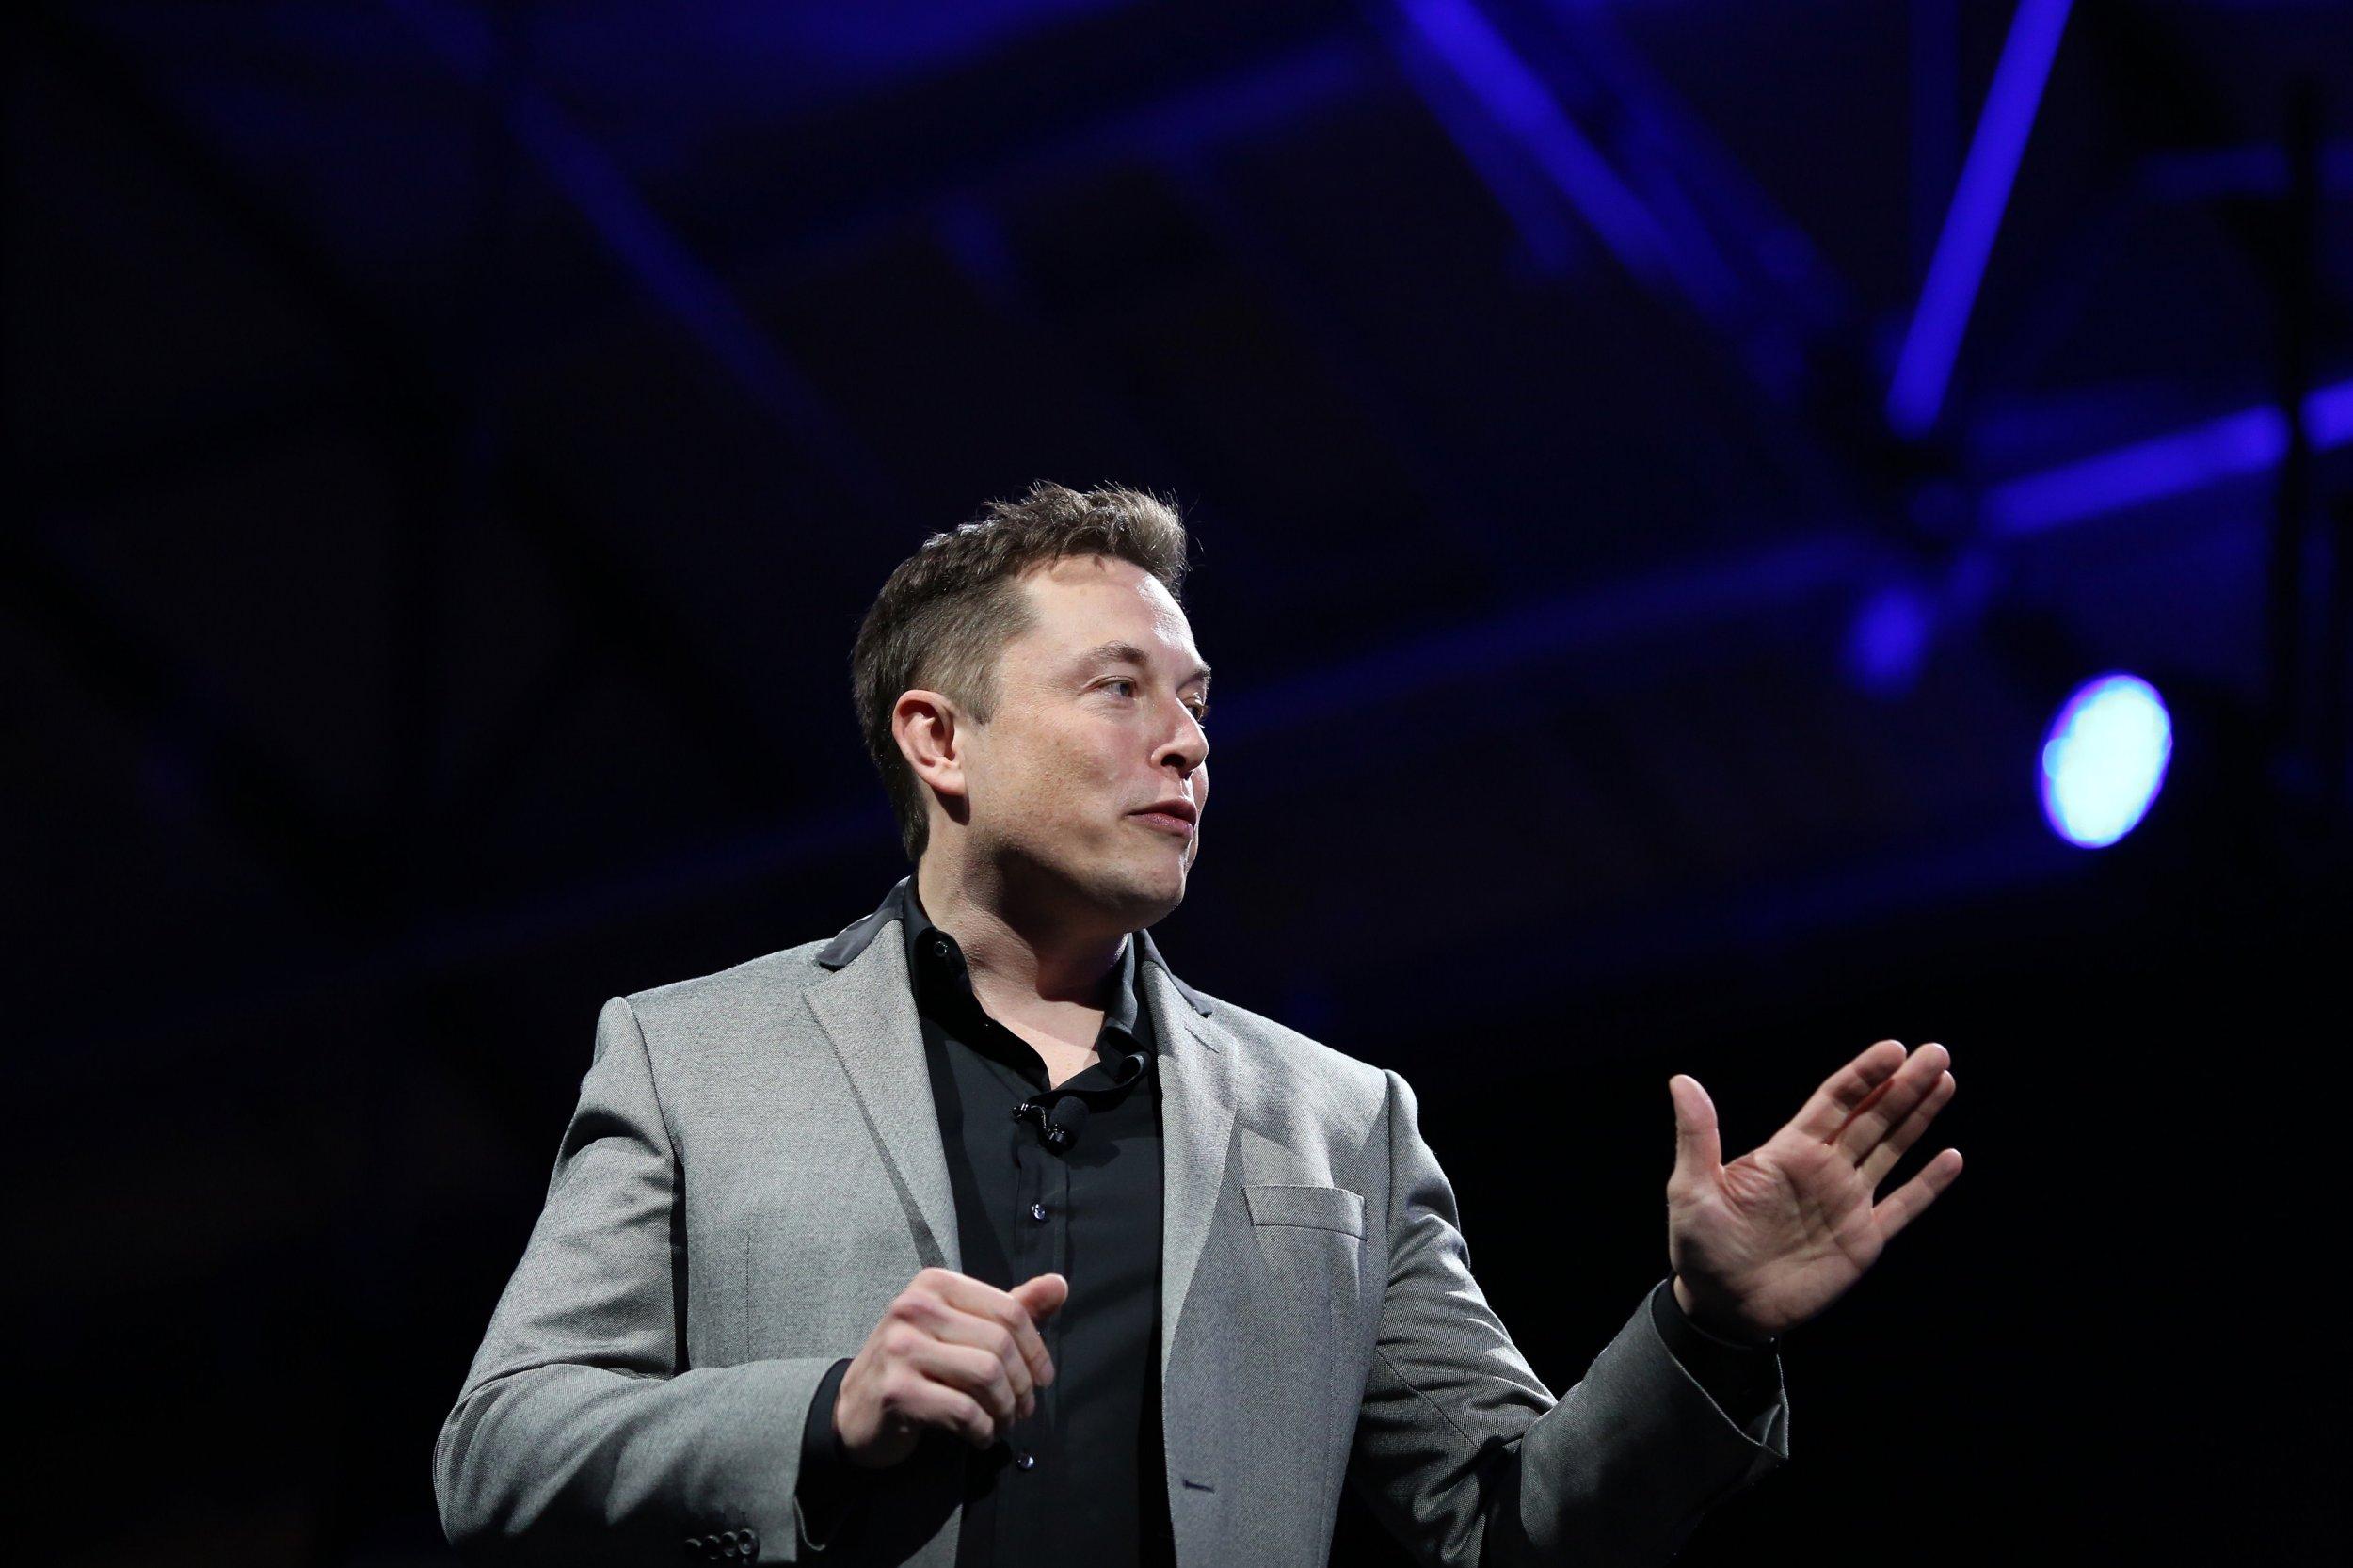 Elon musk talkin about home batteries